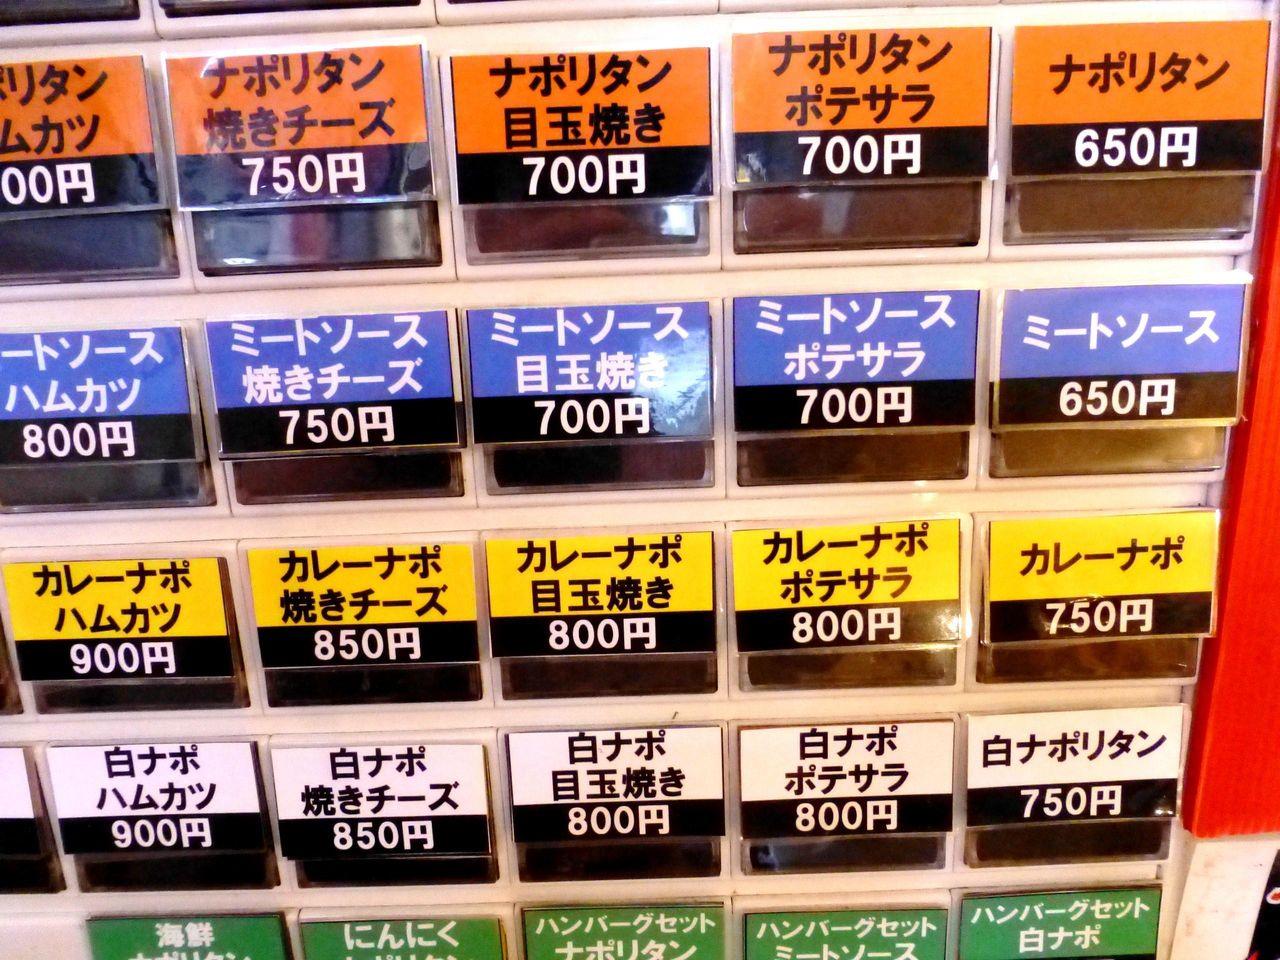 パンチョ秋葉原店のメニュー(26年9月現在)